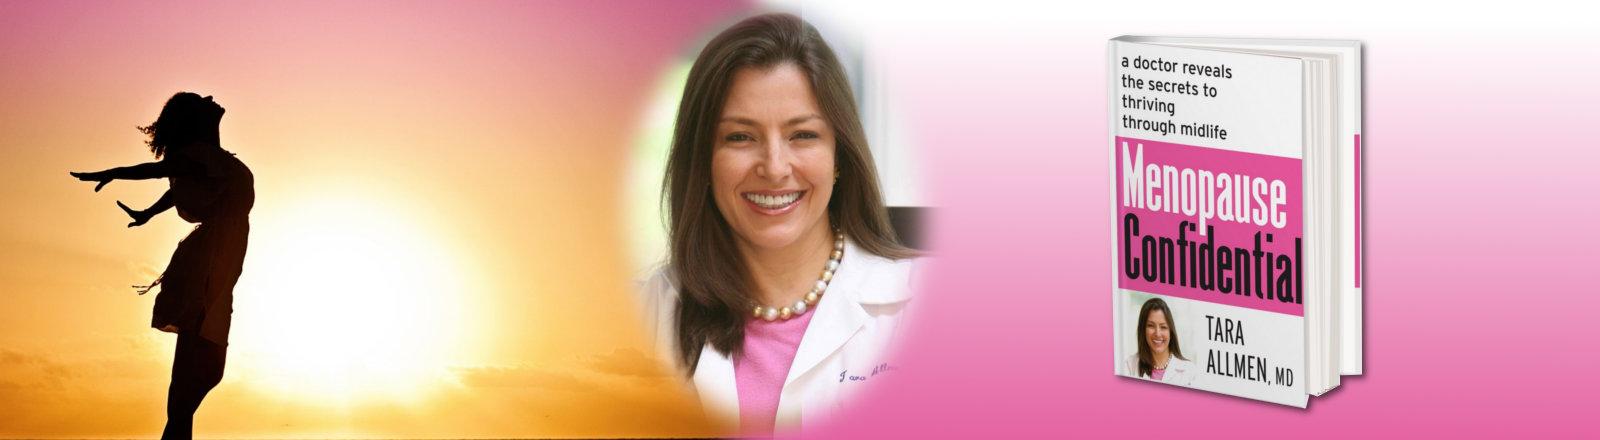 Dr. Tara Allmen Menopause Confidential